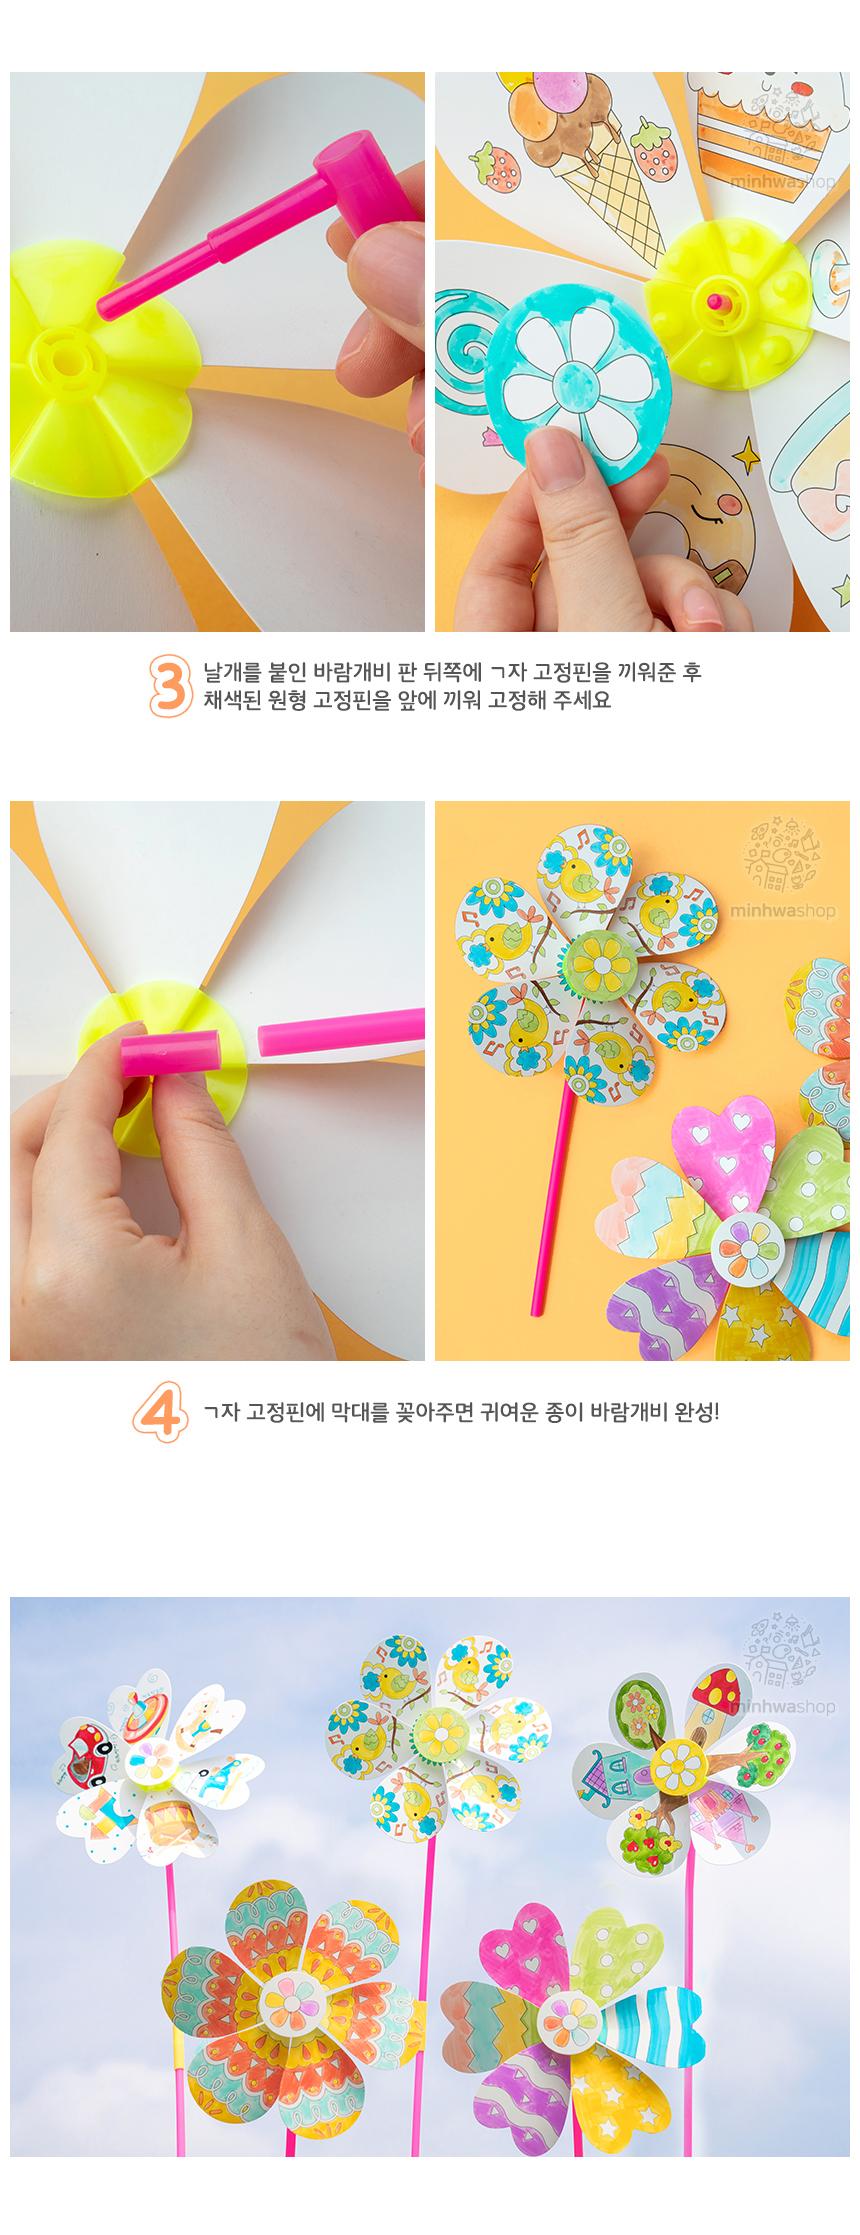 꽃 바람개비만들기 재료 - 민화샵, 800원, 종이공예/북아트, 종이공예 패키지